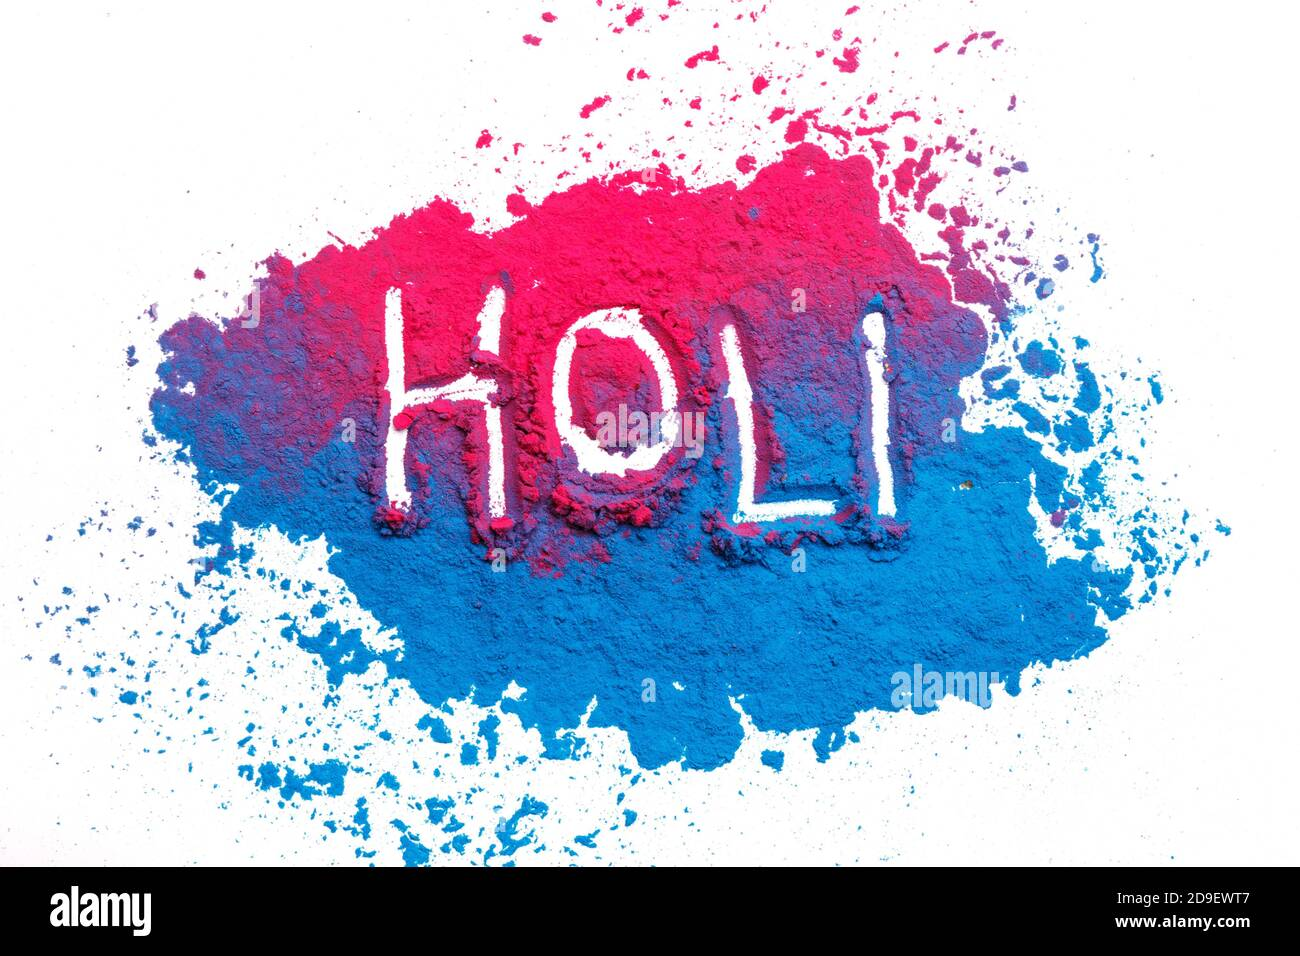 Resumen colorido fondo de Happy Holi. Color polvo vibrante aislado en blanco. Textura de salpicaduras de color polvo. Piso holi pintura decoración Foto de stock